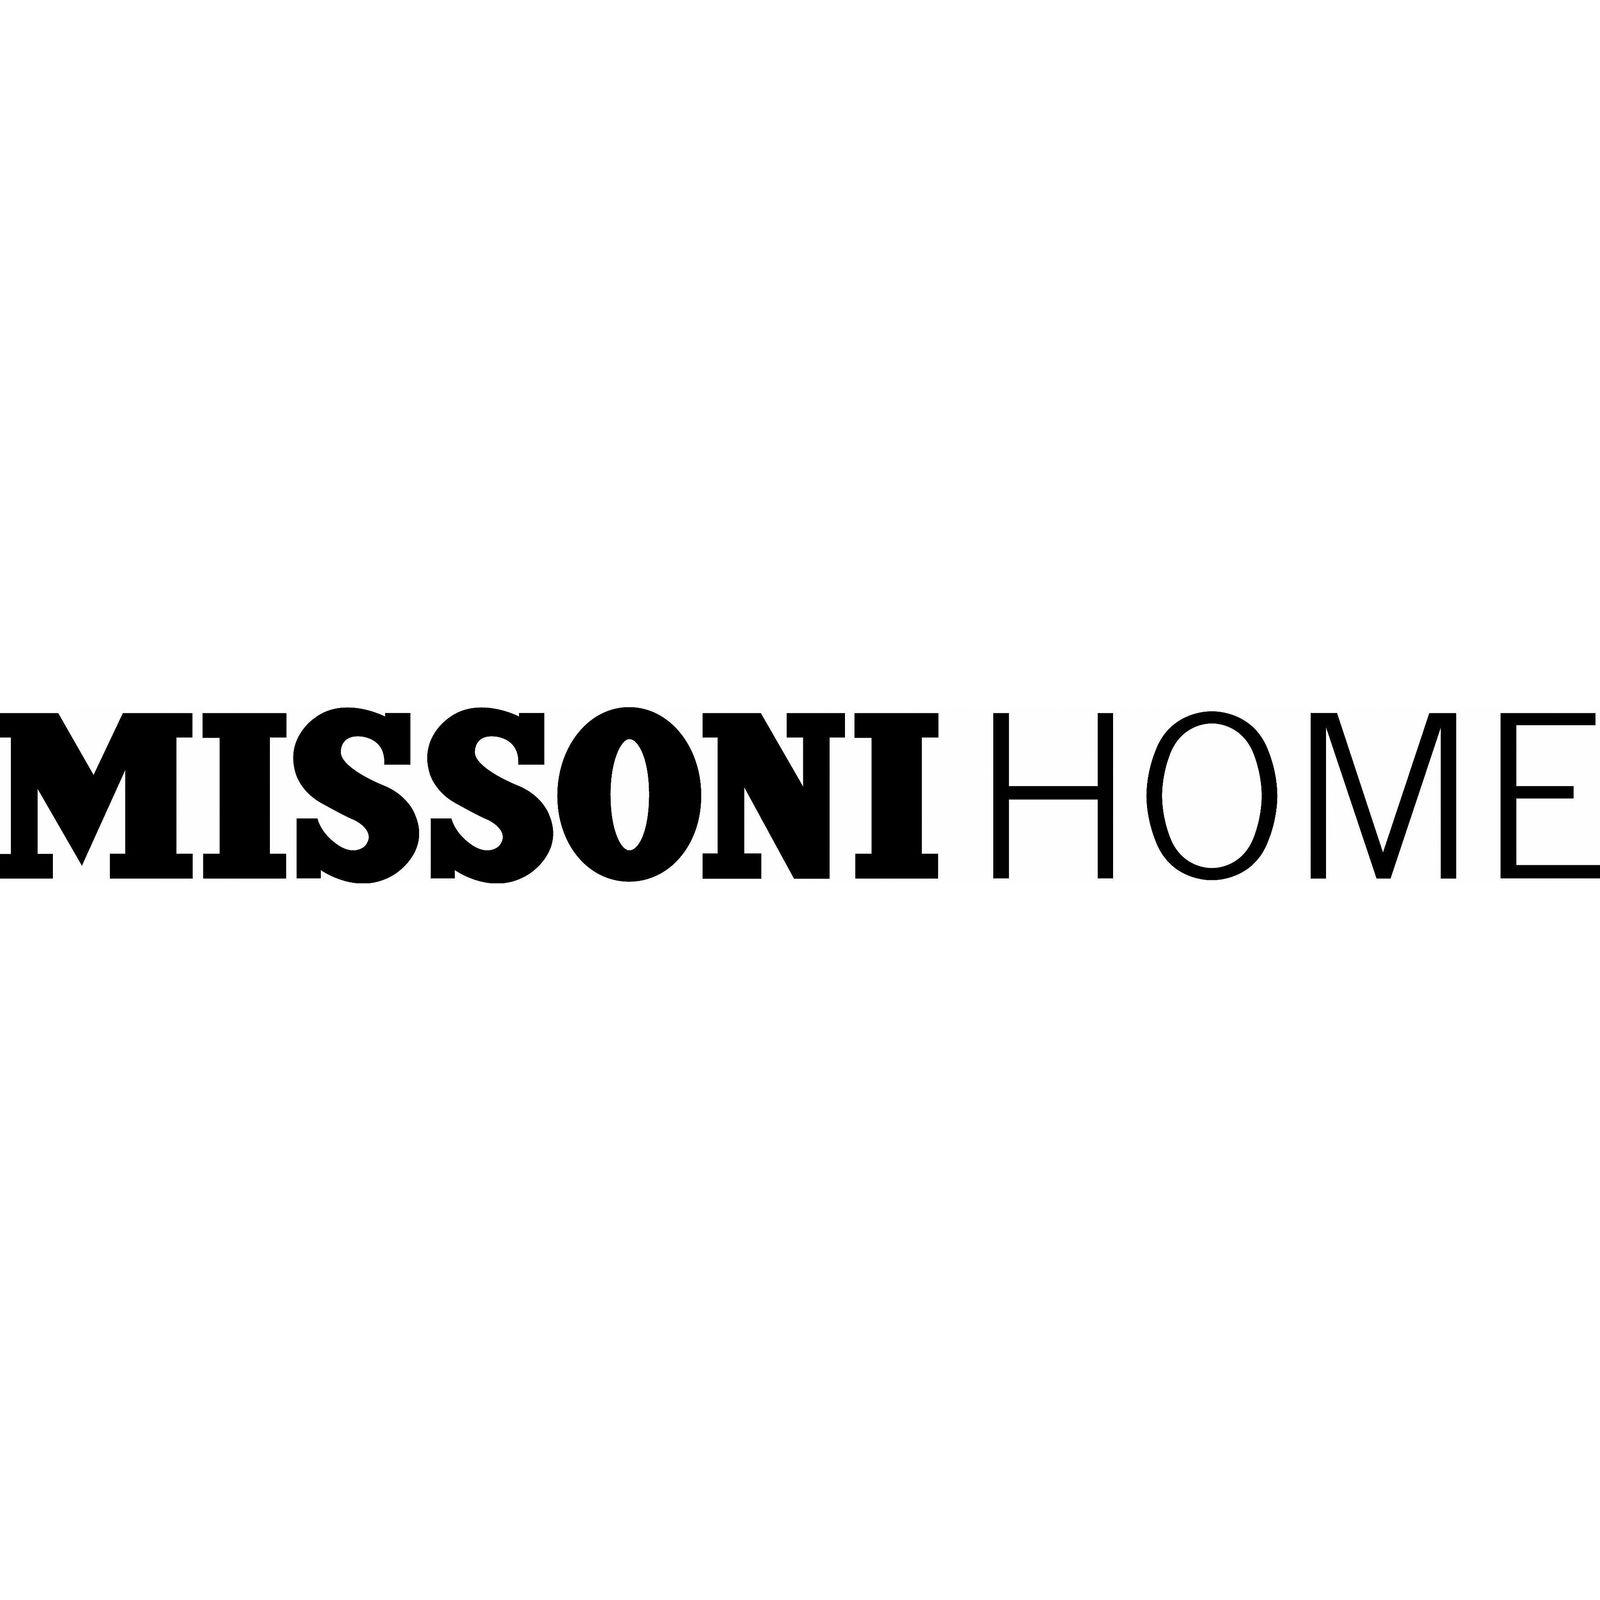 MISSONI HOME (Изображение 1)